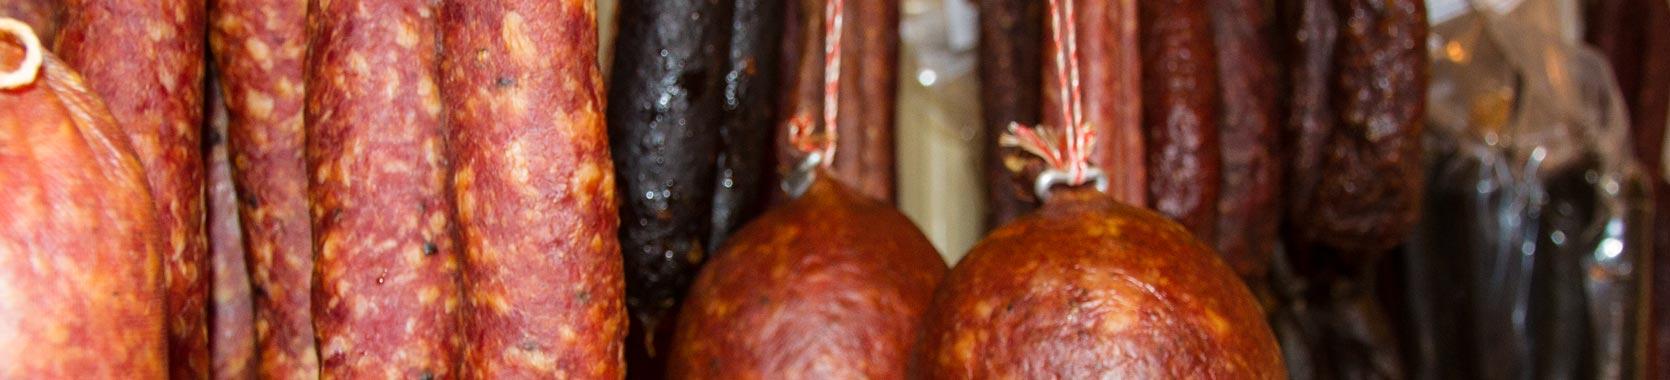 Rhoener Wurst- und Fleischspezialitaeten